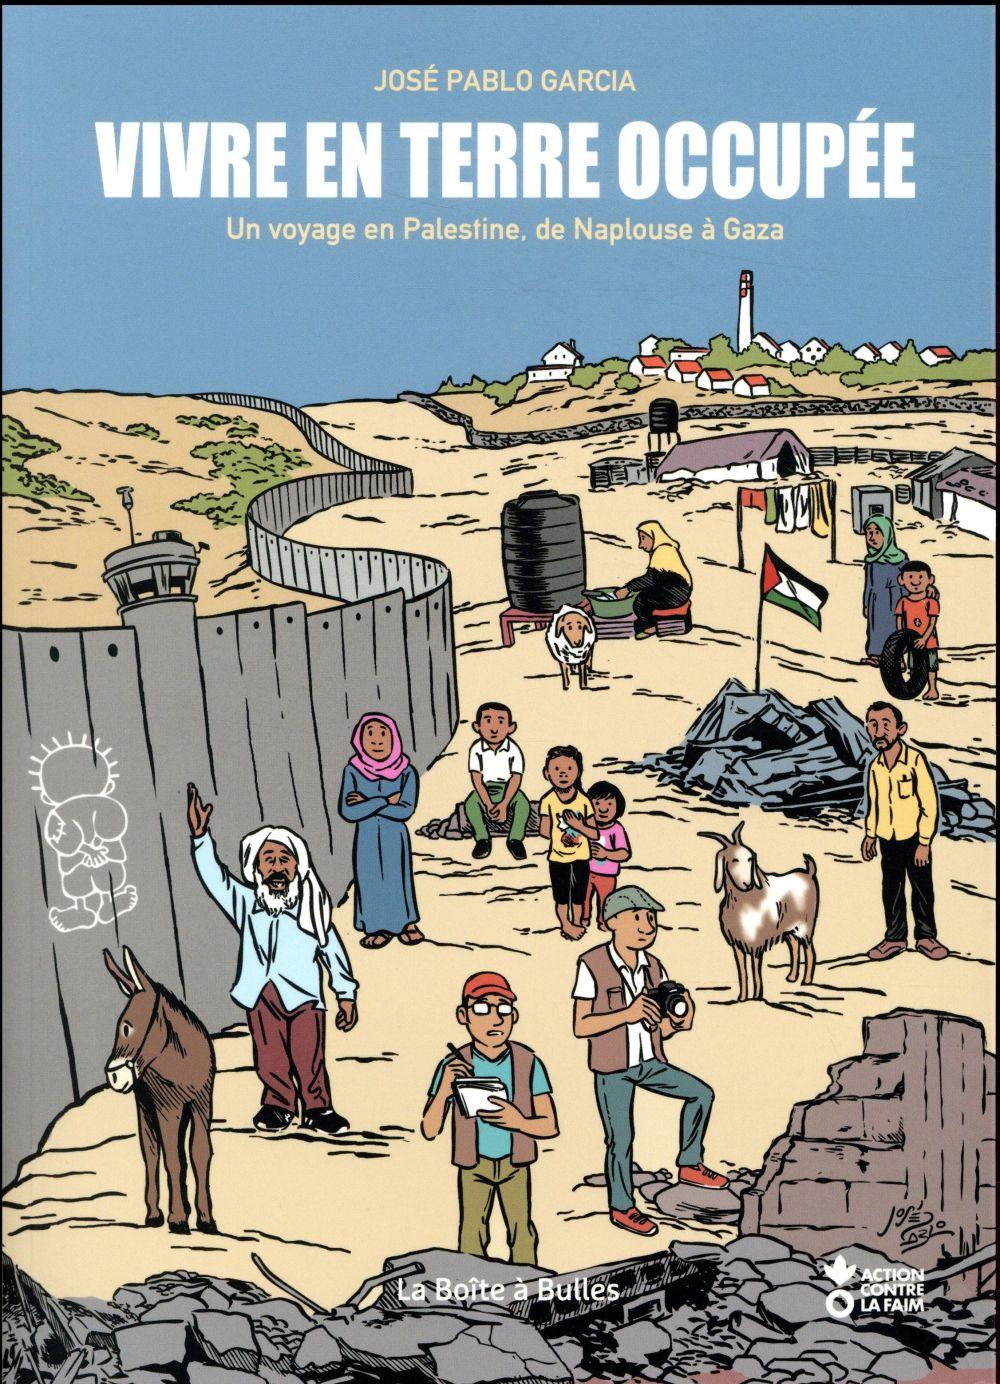 VIVRE EN TERRE OCCUPEE, UN VOYAGE EN PALESTINE DE NAPLOUSE A GAZA